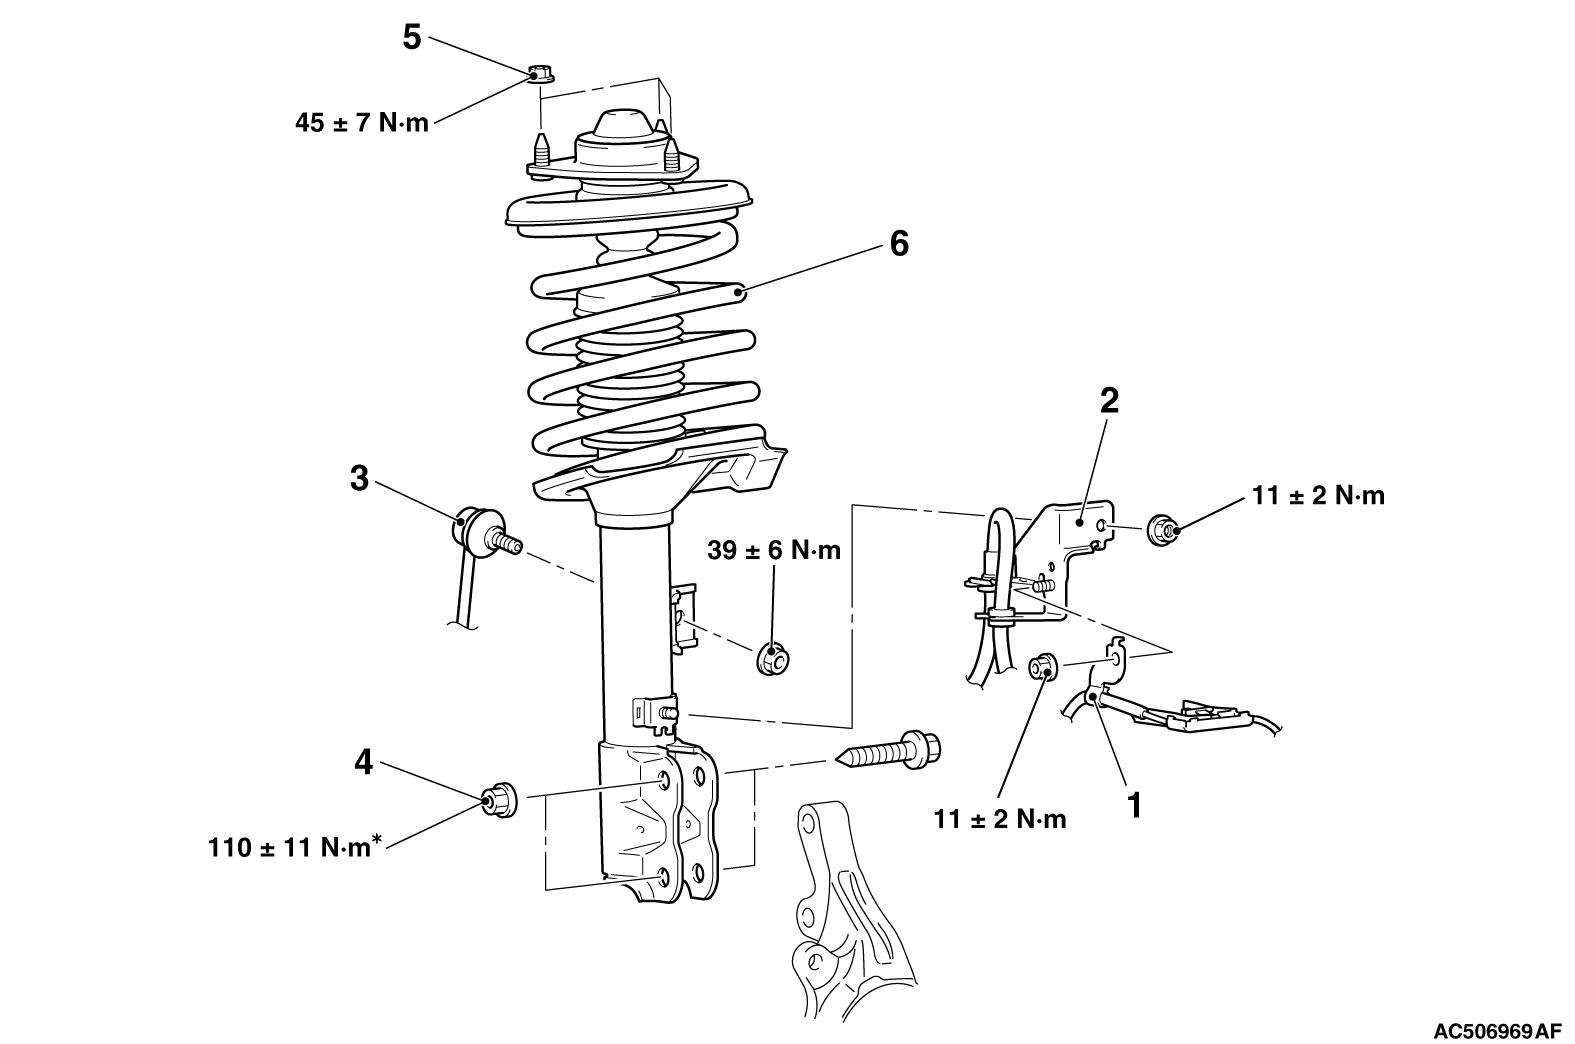 Руководство по ремонту Peugeot 206 (Пежо 206) г.в 29